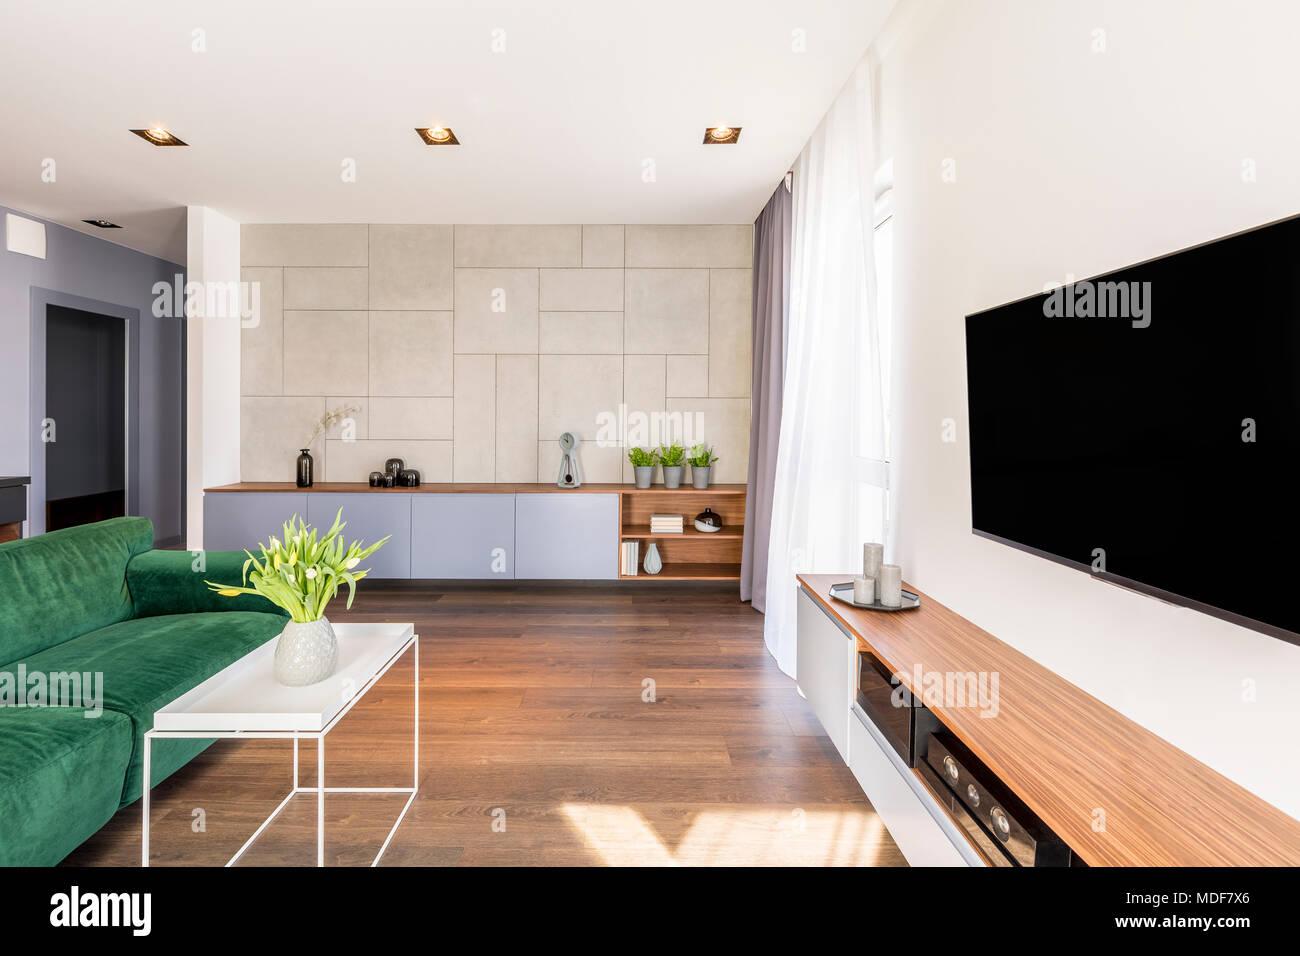 Tavolino Salotto Verde : Grande televisore nel lussuoso salotto interno con tulipani gialli